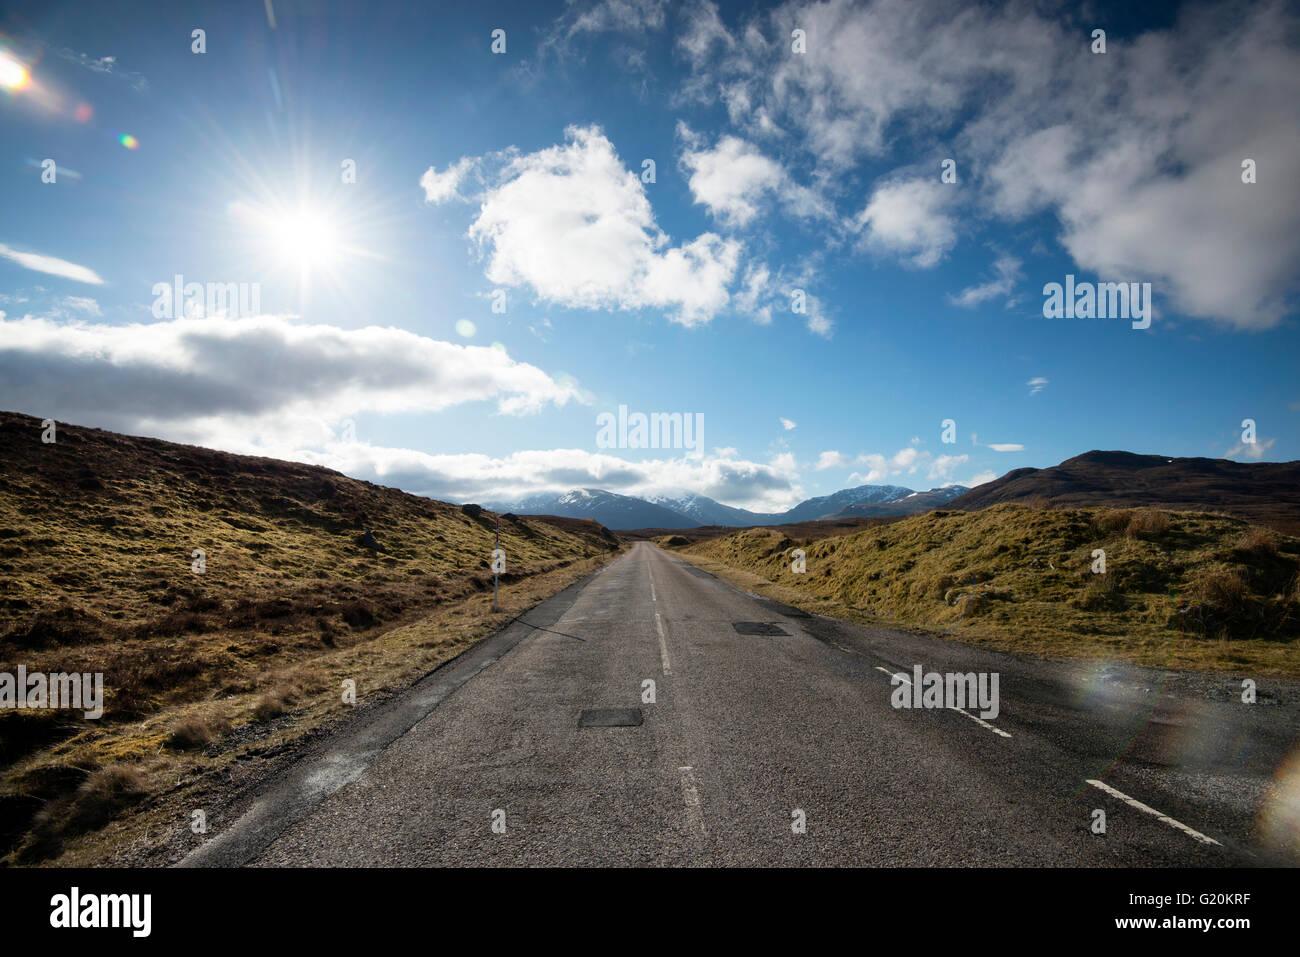 Soffici nuvole bianche e infinite strada aperta sulla A832 nell'estremo nord-ovest della Scozia, Regno Unito Foto Stock